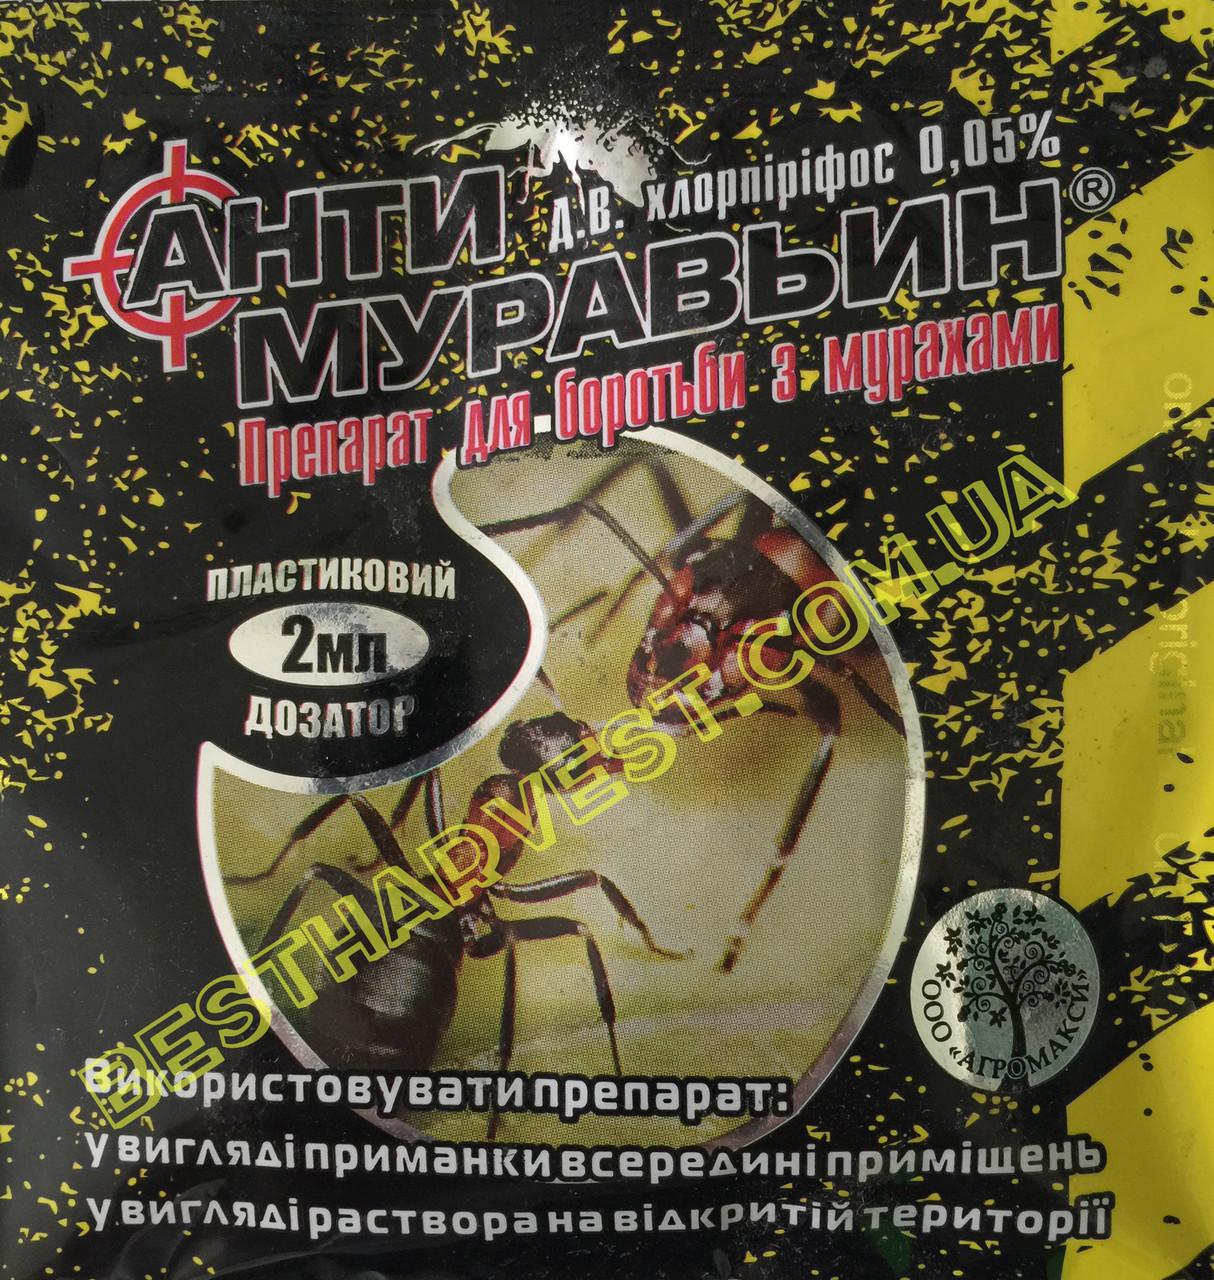 """Антимуравьин 2мл концентрат оригинал - """"BEST HARVEST"""" - семена овощей и СЗР, оптовый интернет-магазин в Одессе"""